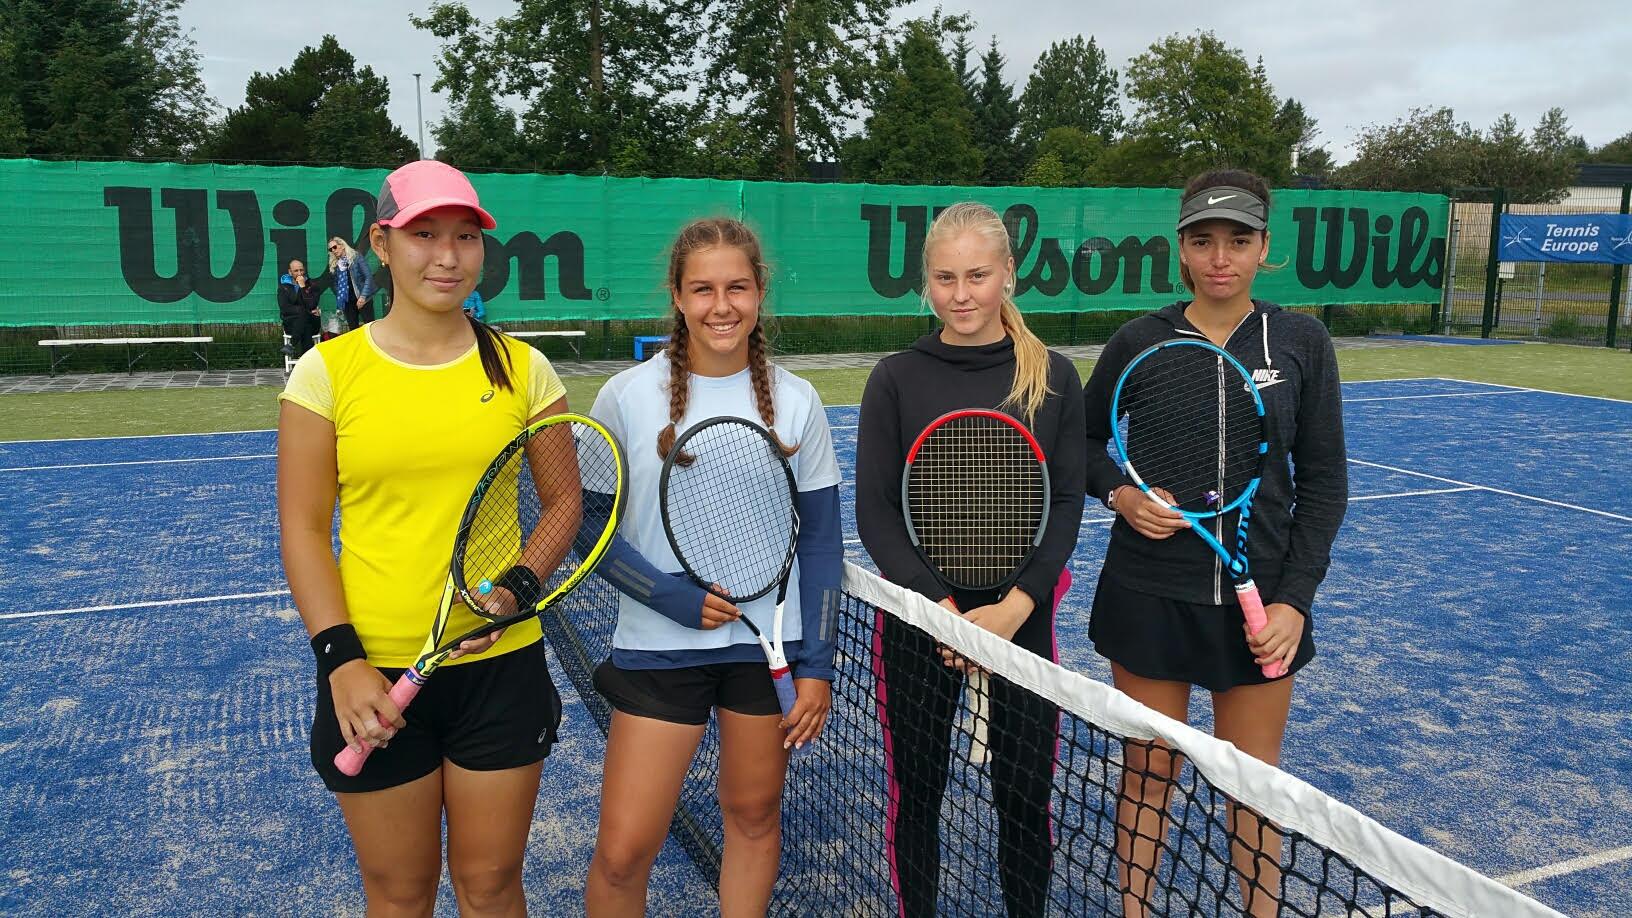 Alþjóða unglinga tennismót U18 hérlendis